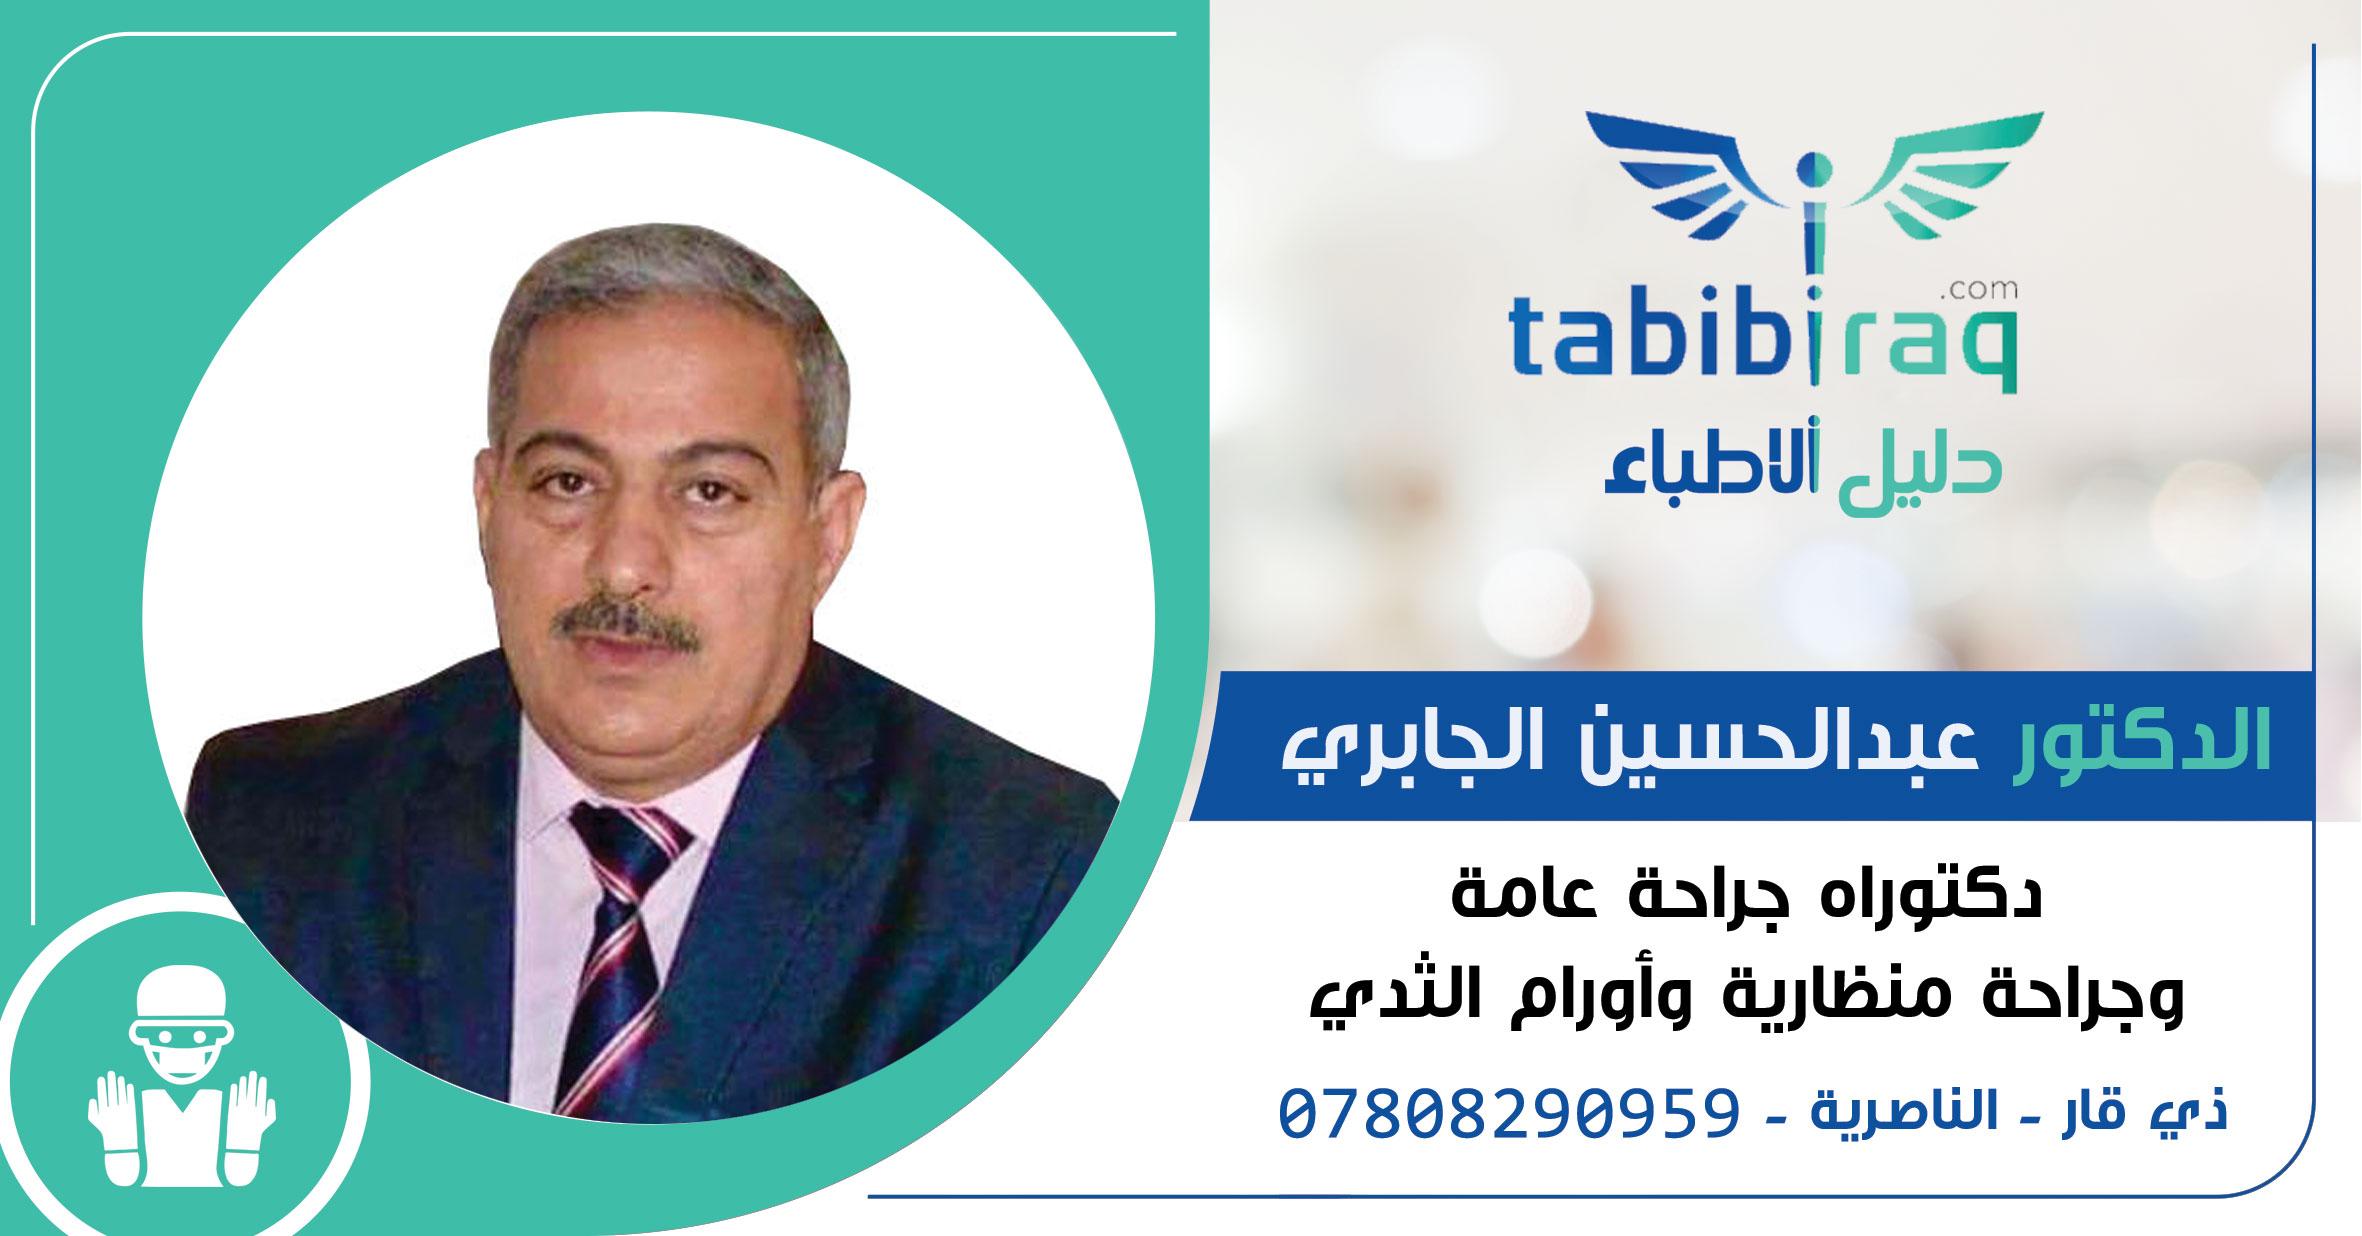 الدكتور عبدالحسين الجابري